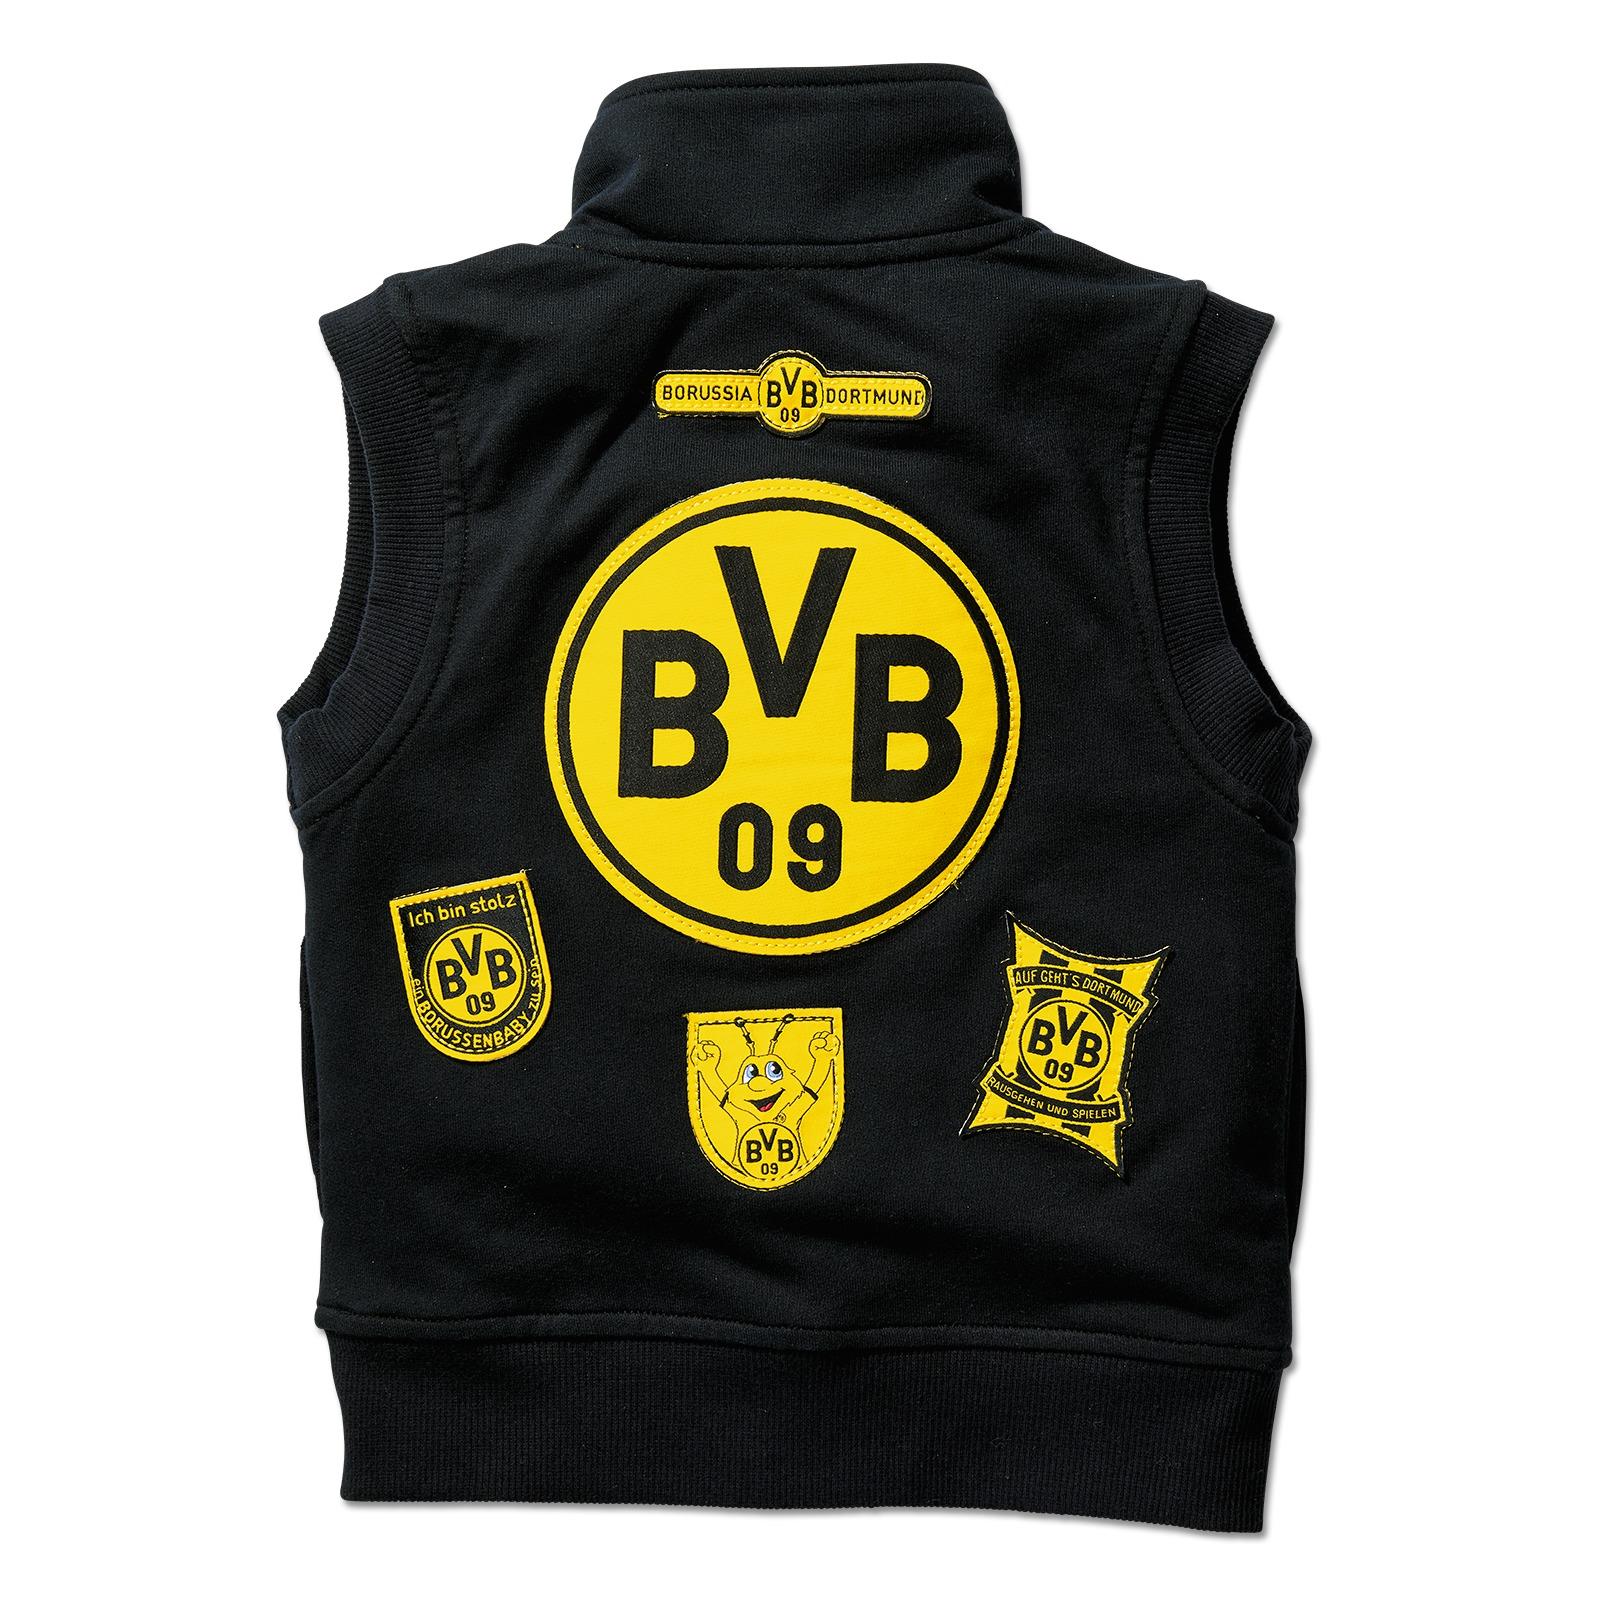 8c67664105 BVB-Kutte für Kleinkinder | Baby | Kinder | Offizieller BVB-Online FanShop